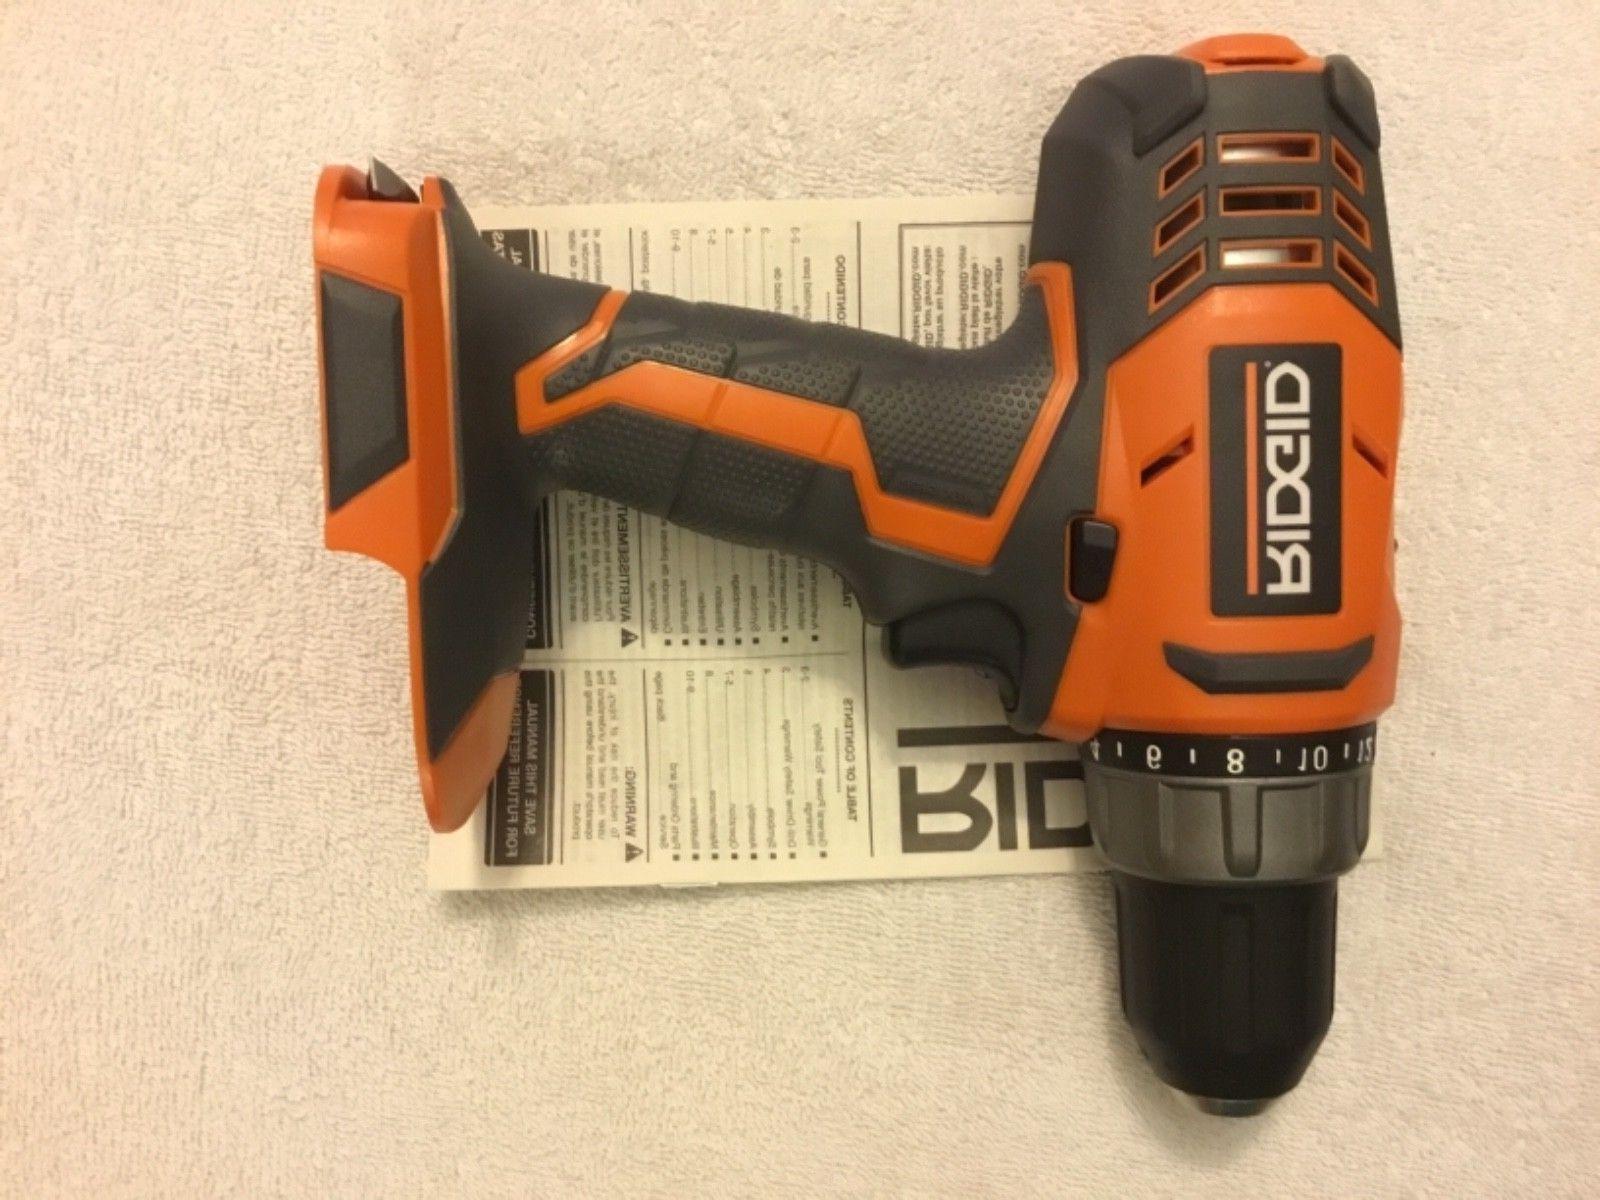 new r860052 18v 18 volt 1 2